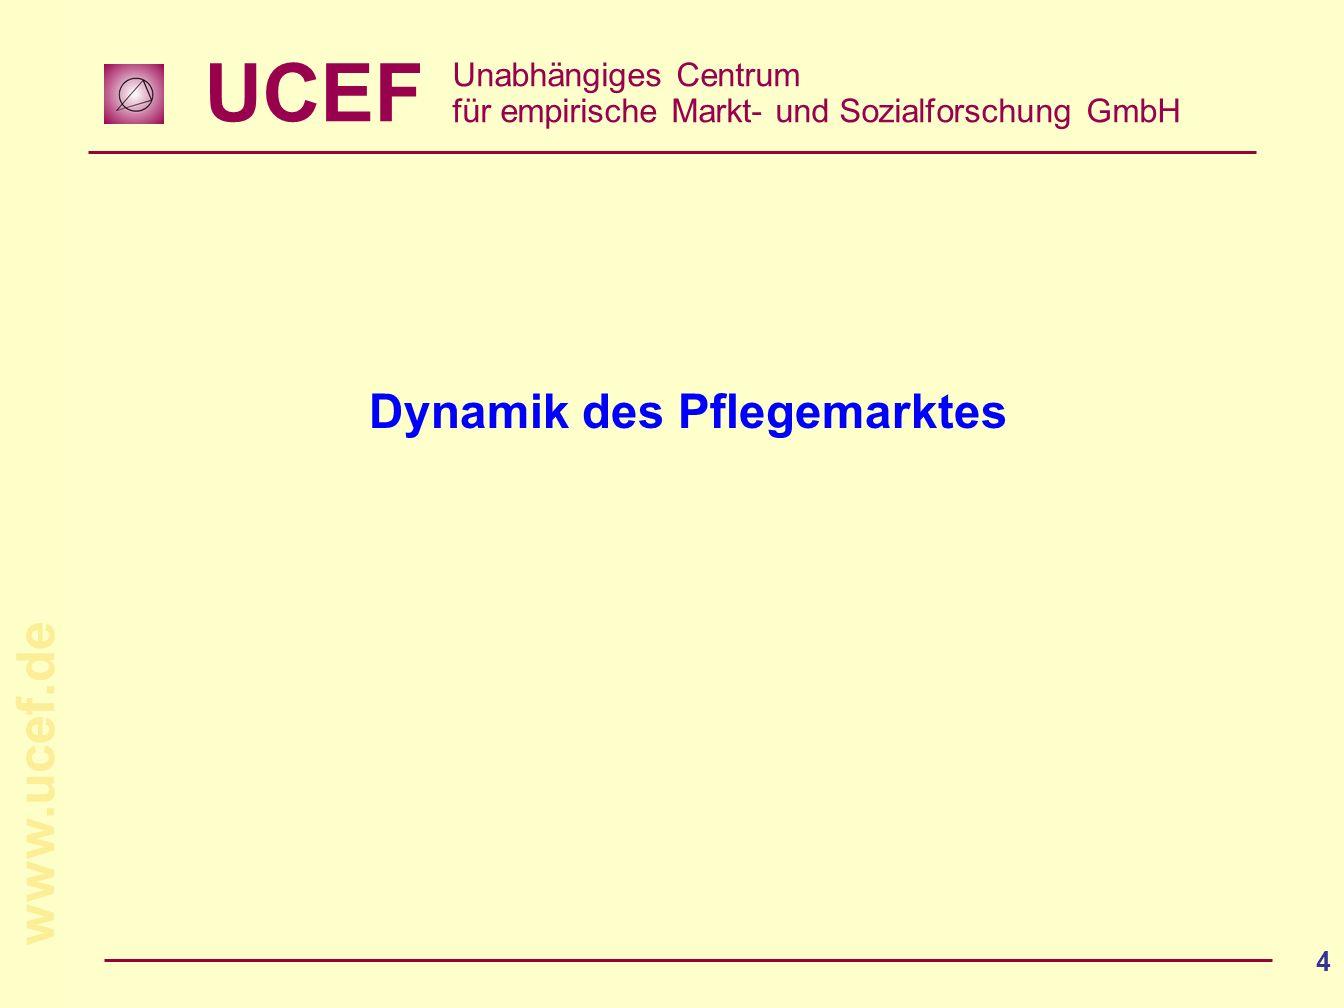 UCEF Unabhängiges Centrum für empirische Markt- und Sozialforschung GmbH www.ucef.de 4 Dynamik des Pflegemarktes